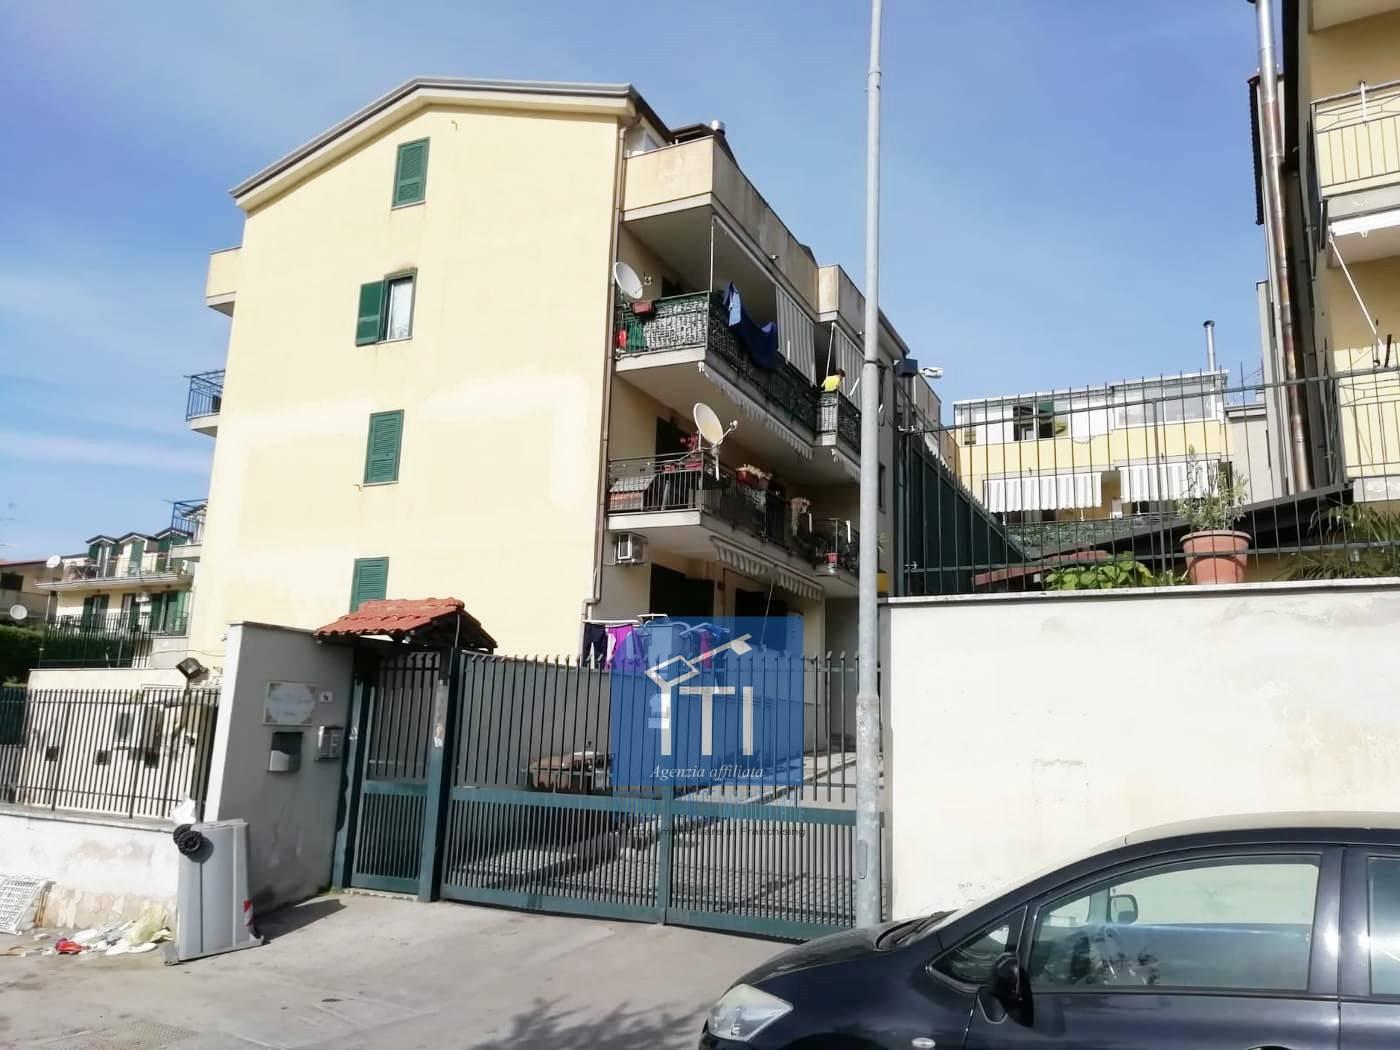 Appartamento in vendita a Villaricca, 3 locali, prezzo € 125.000 | CambioCasa.it